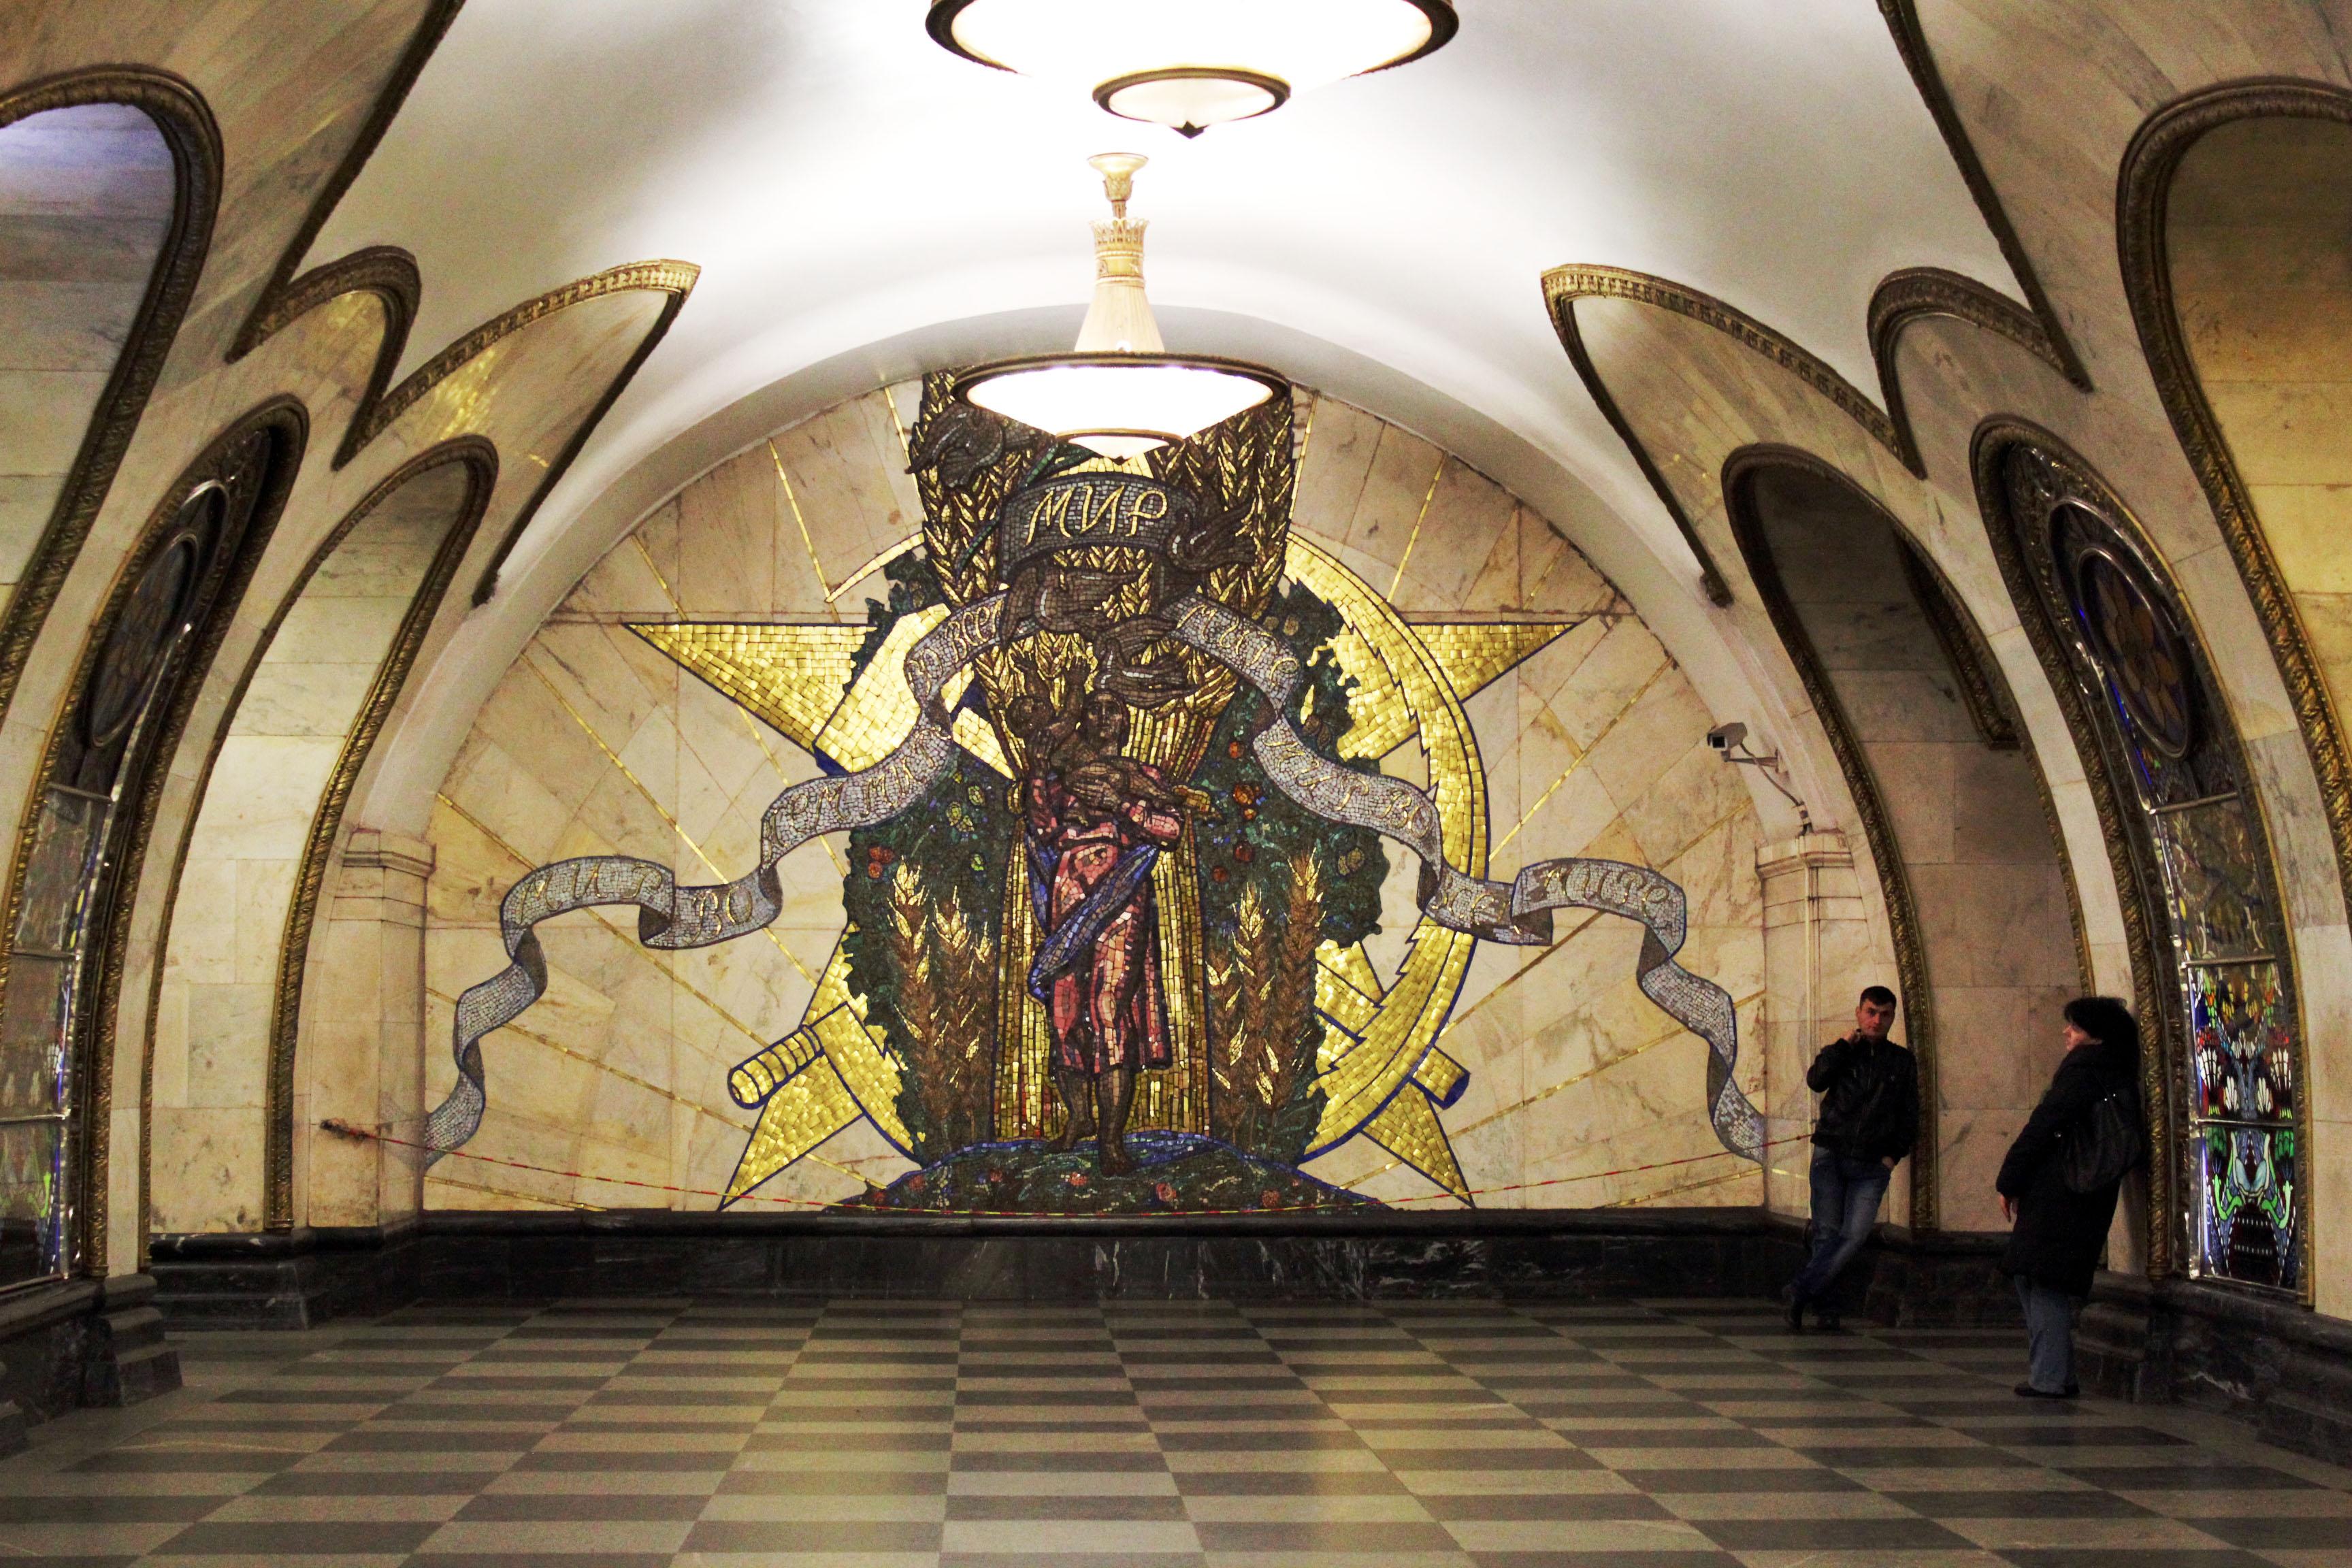 莫斯科地鐵裡面的設計真的美到會讓你想要永遠住在裡面。而且太多種風格了吧?